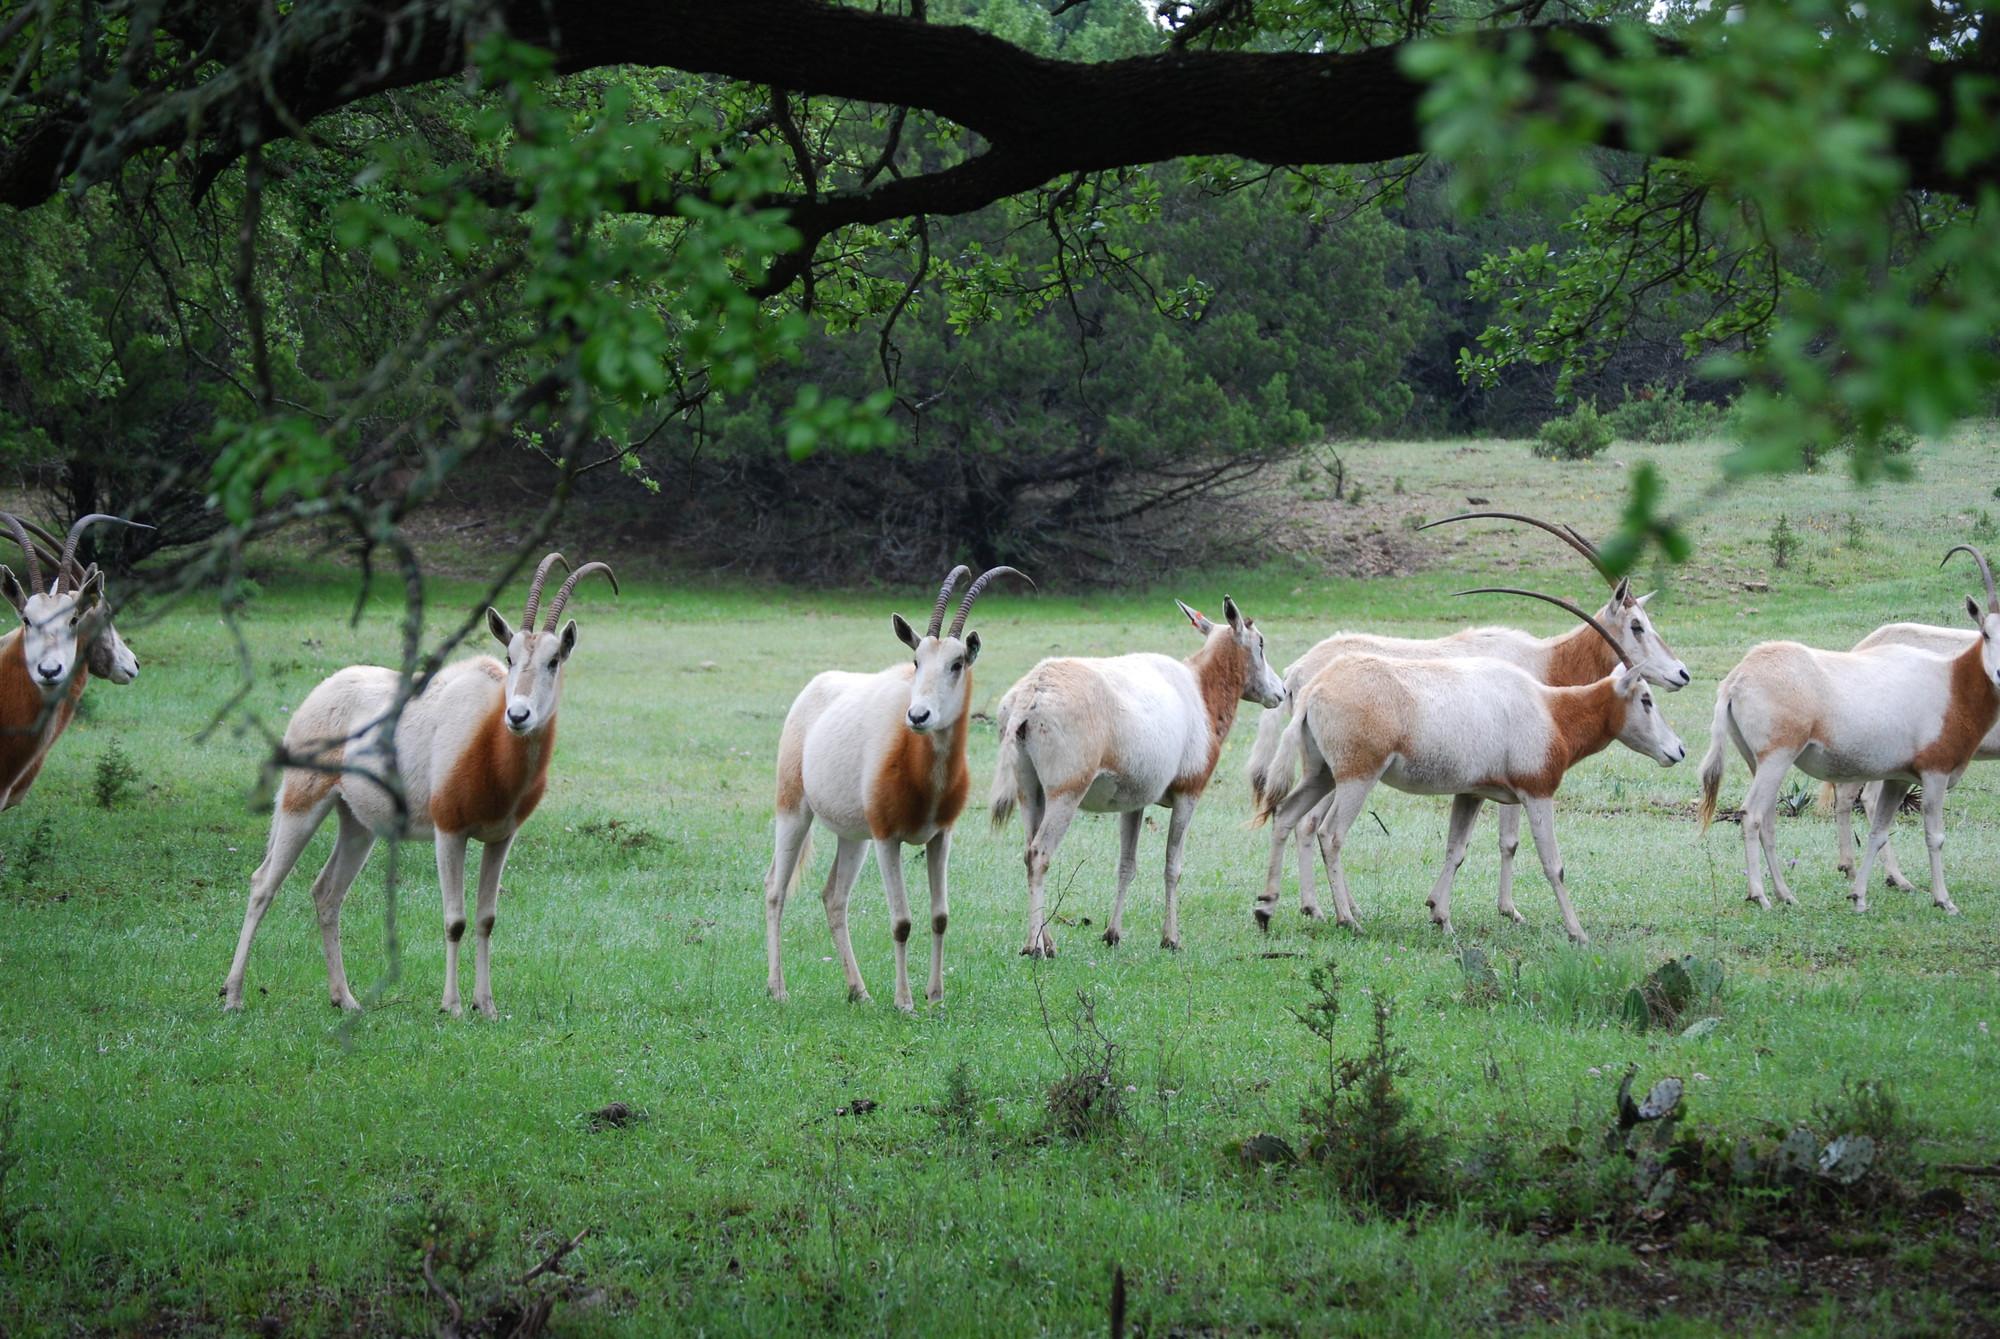 Glasplatte Fr Herd Best Von Mm Esg Glas Herd Glasplatte Rckwand With Glasplatte Fr Herd